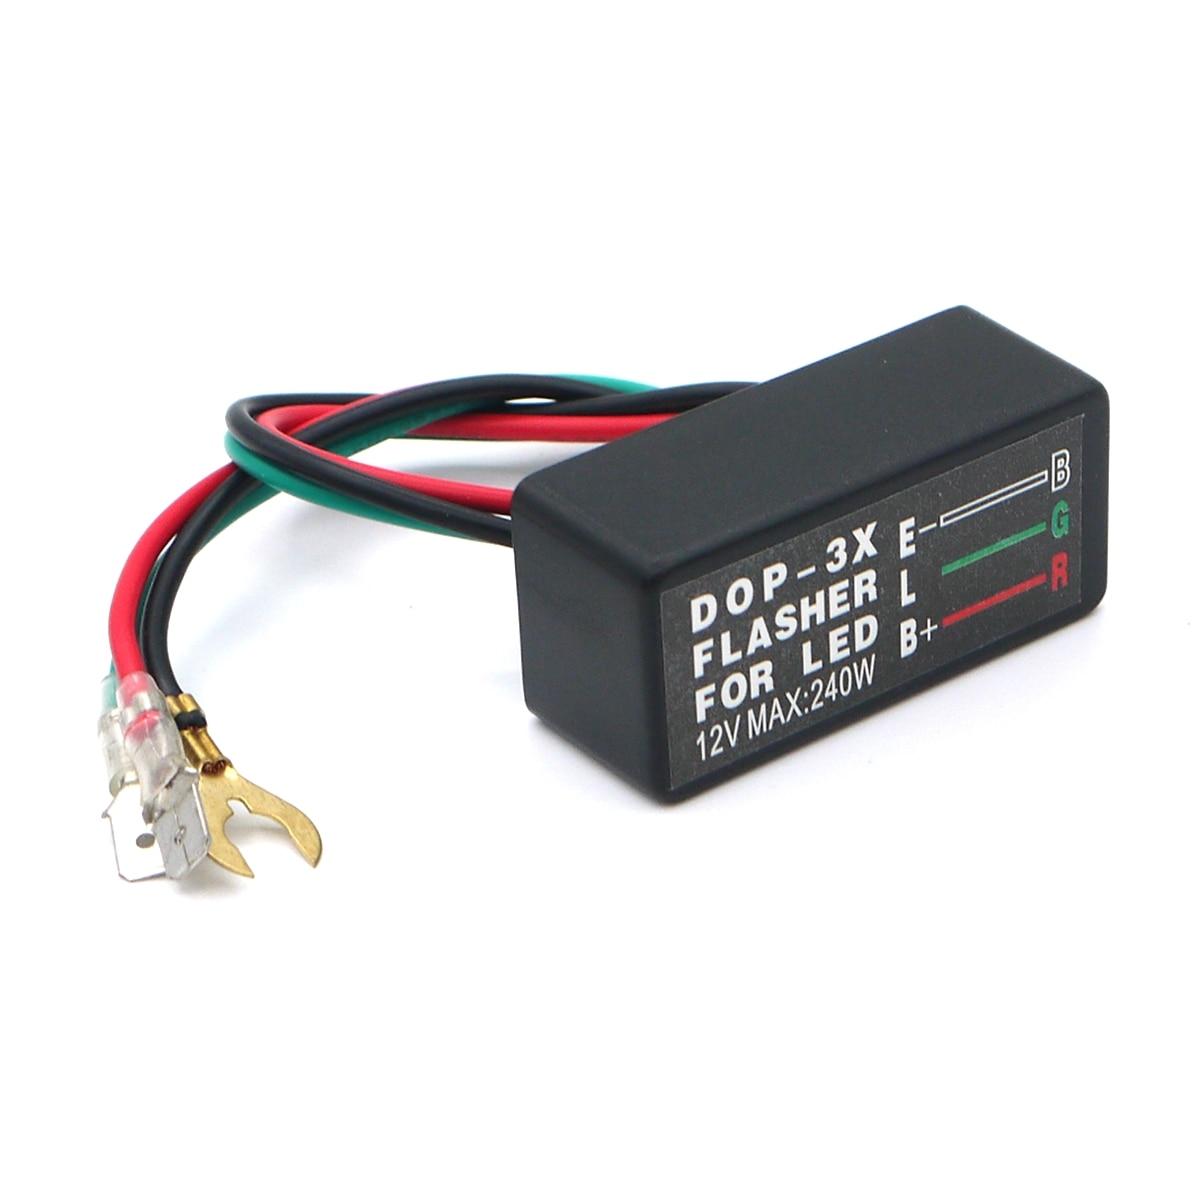 Eonstime Set Universal 10Led Motorcycle LED Turn Signal Light Indicator Light Amber Blinker Light Flasher Relay Black/Carbon